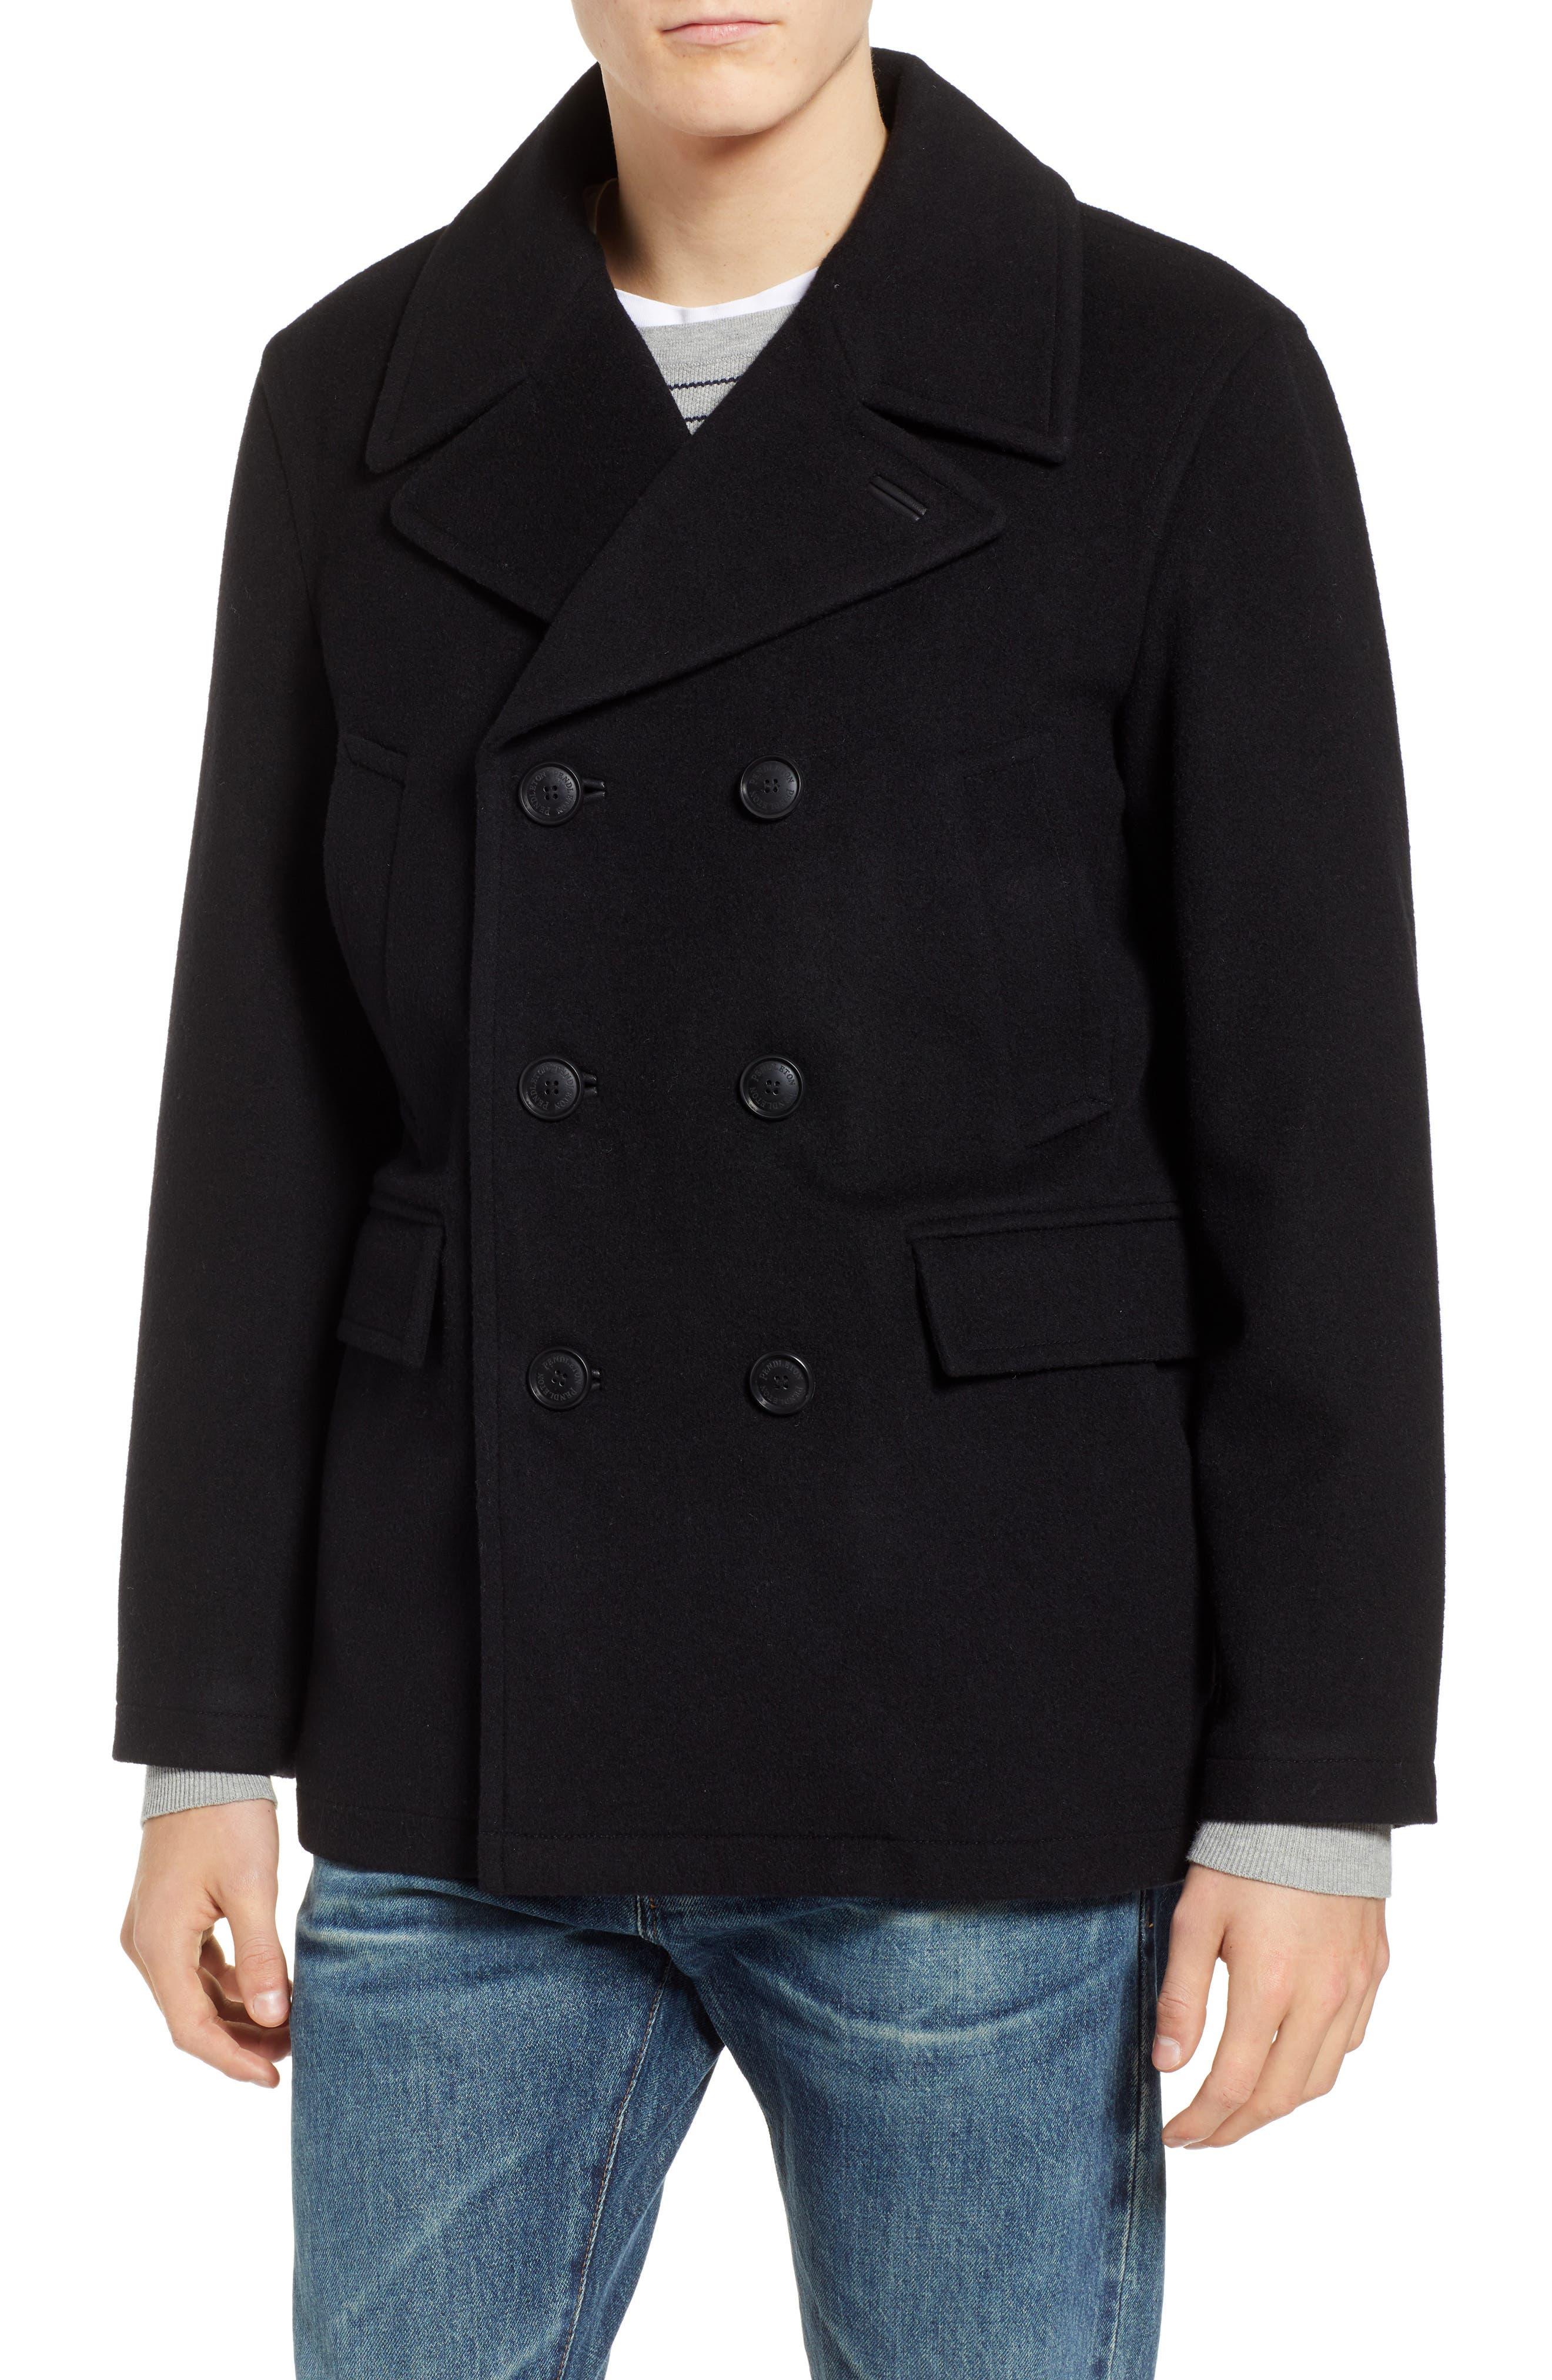 PENDLETON Maritime Wool Blend Peacoat, Main, color, BLACK